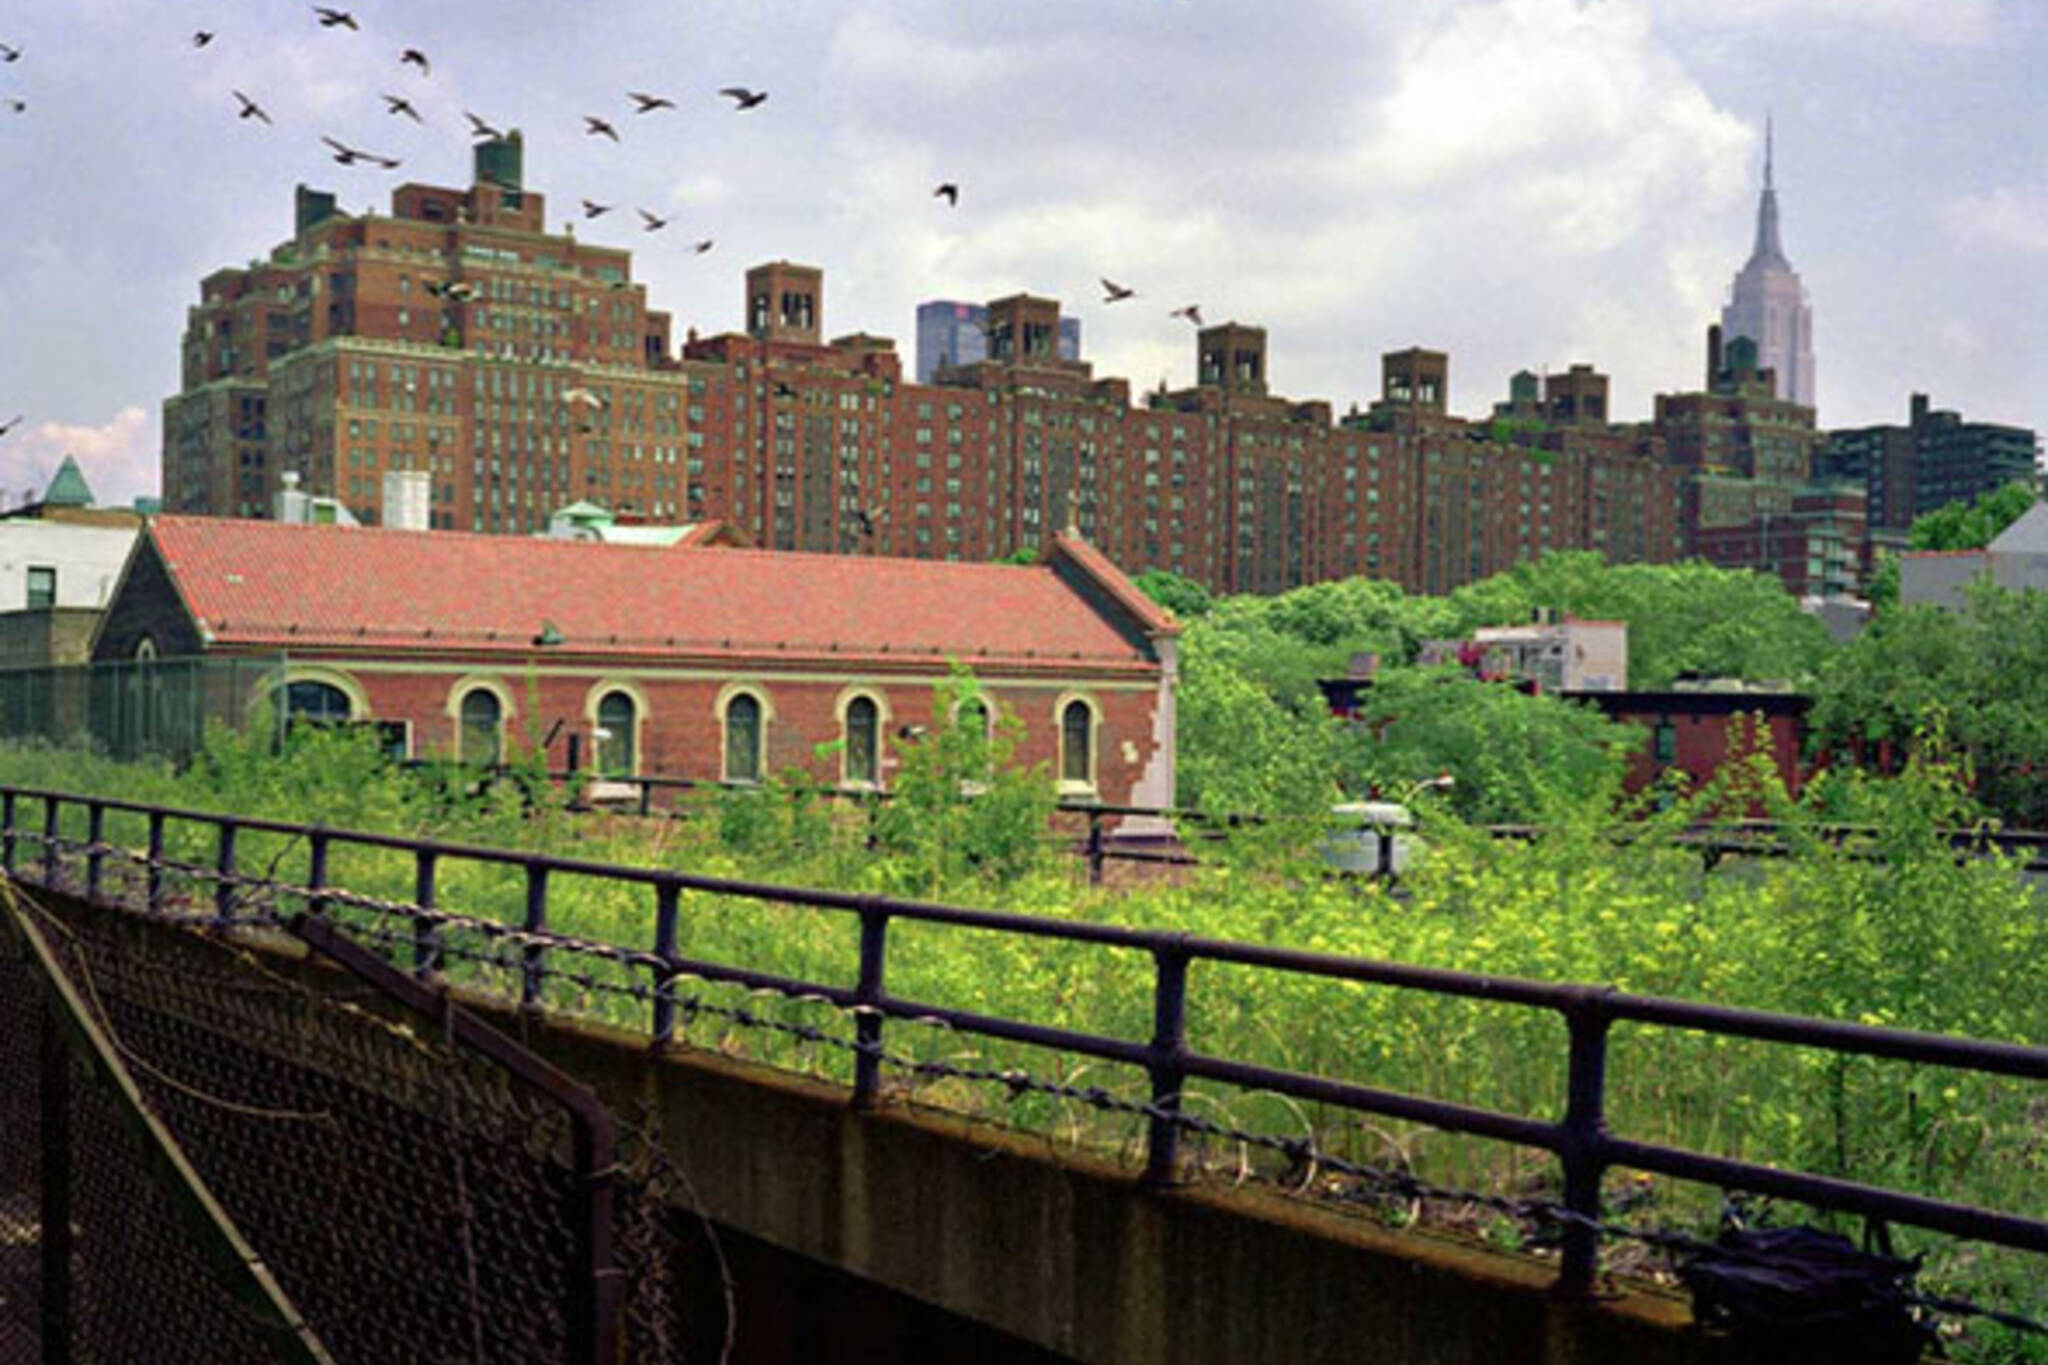 Urbanized film